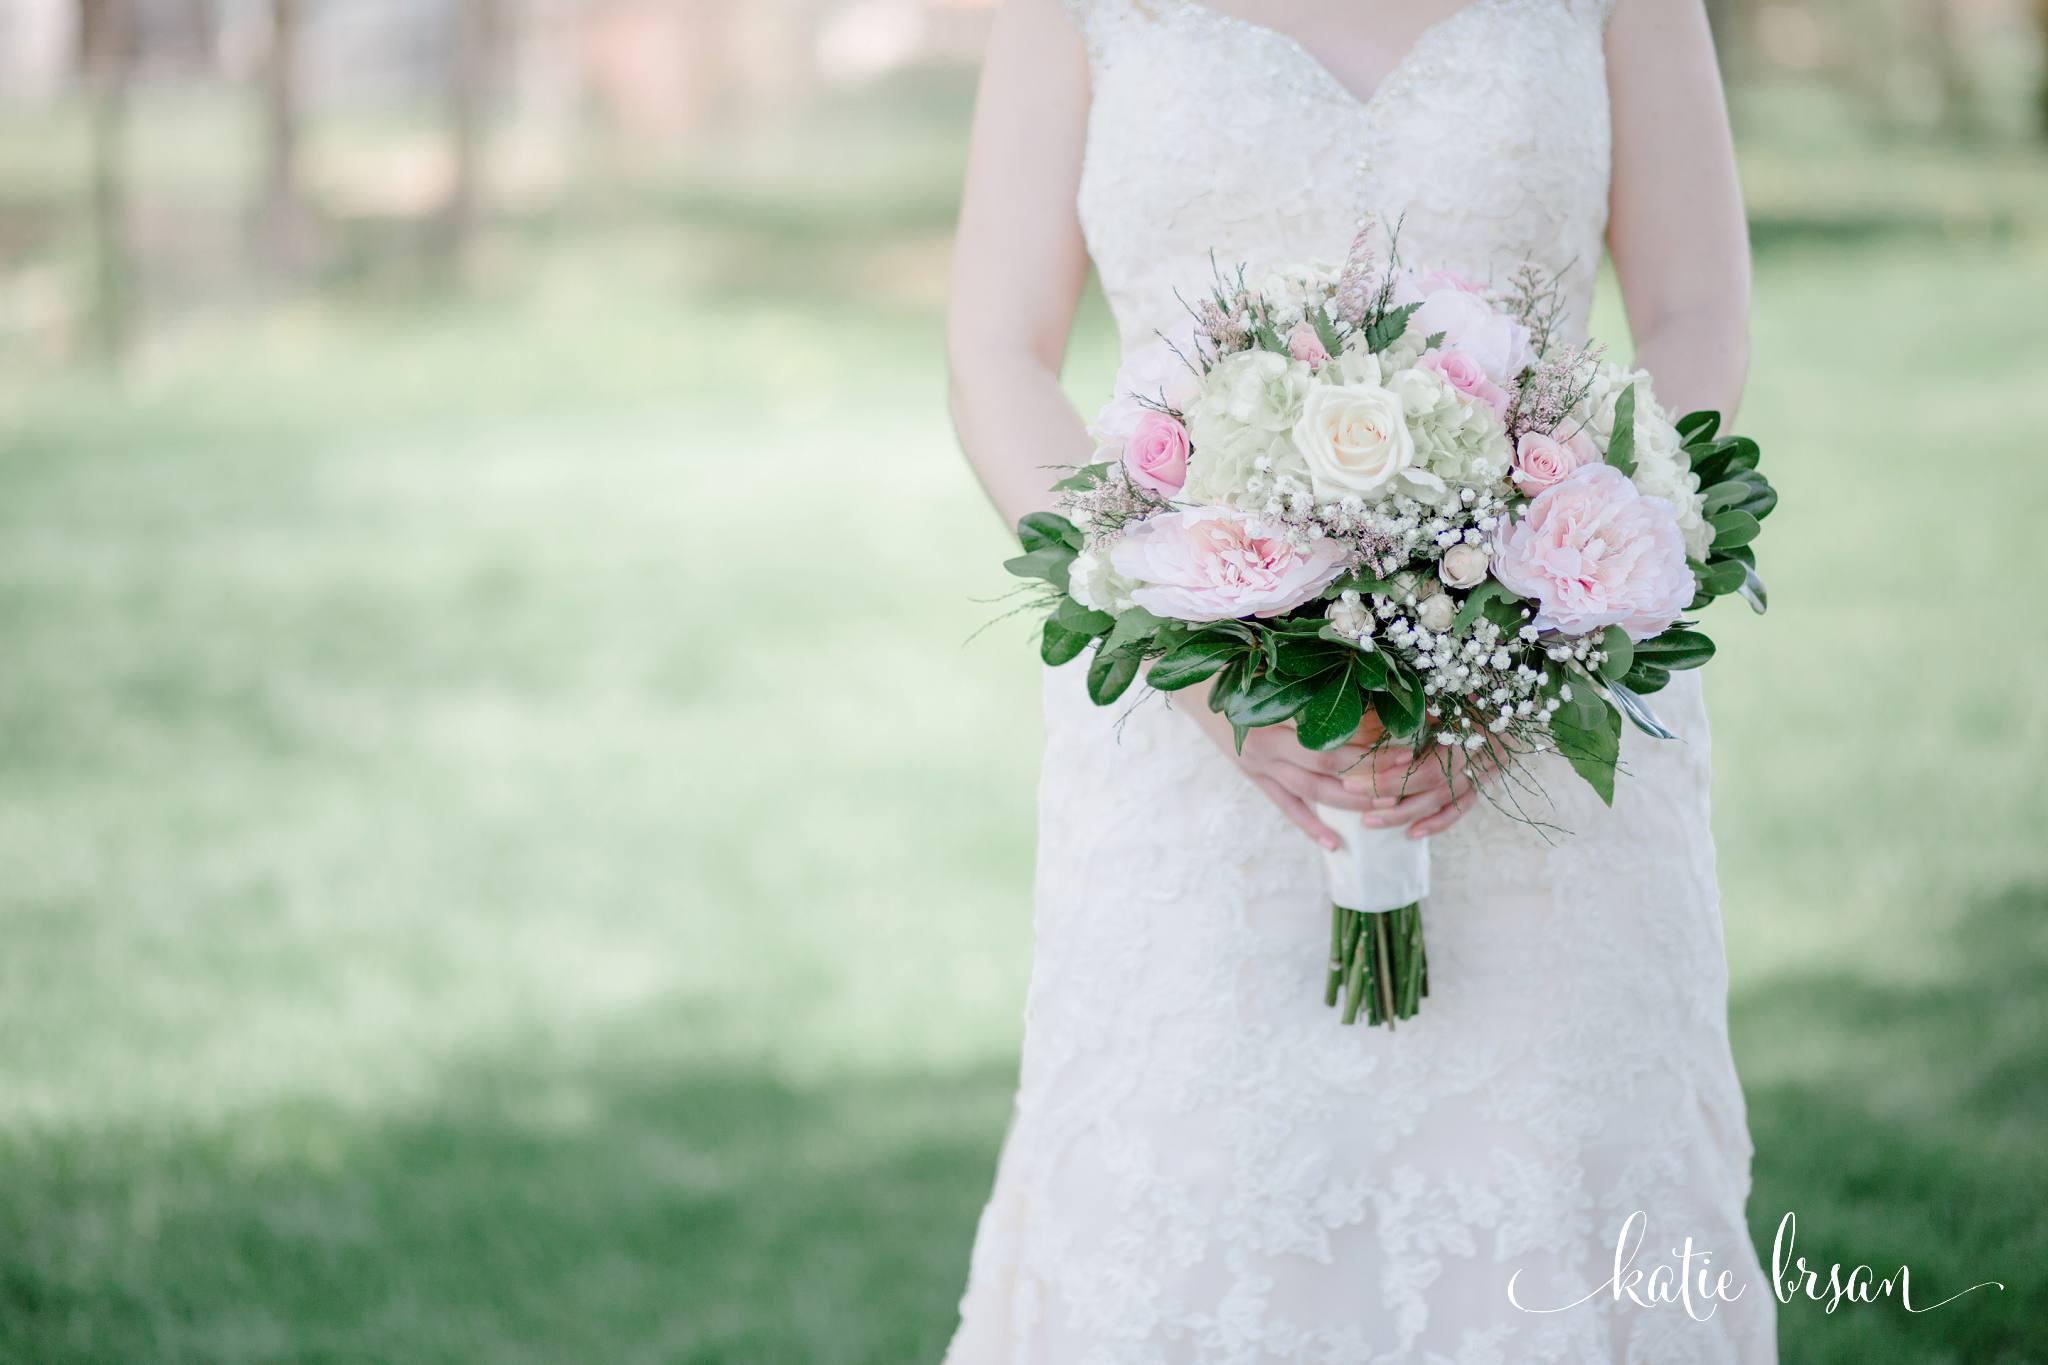 Mokena_Lemont_Wedding_Ruffled_Feathers_Wedding_1335.jpg